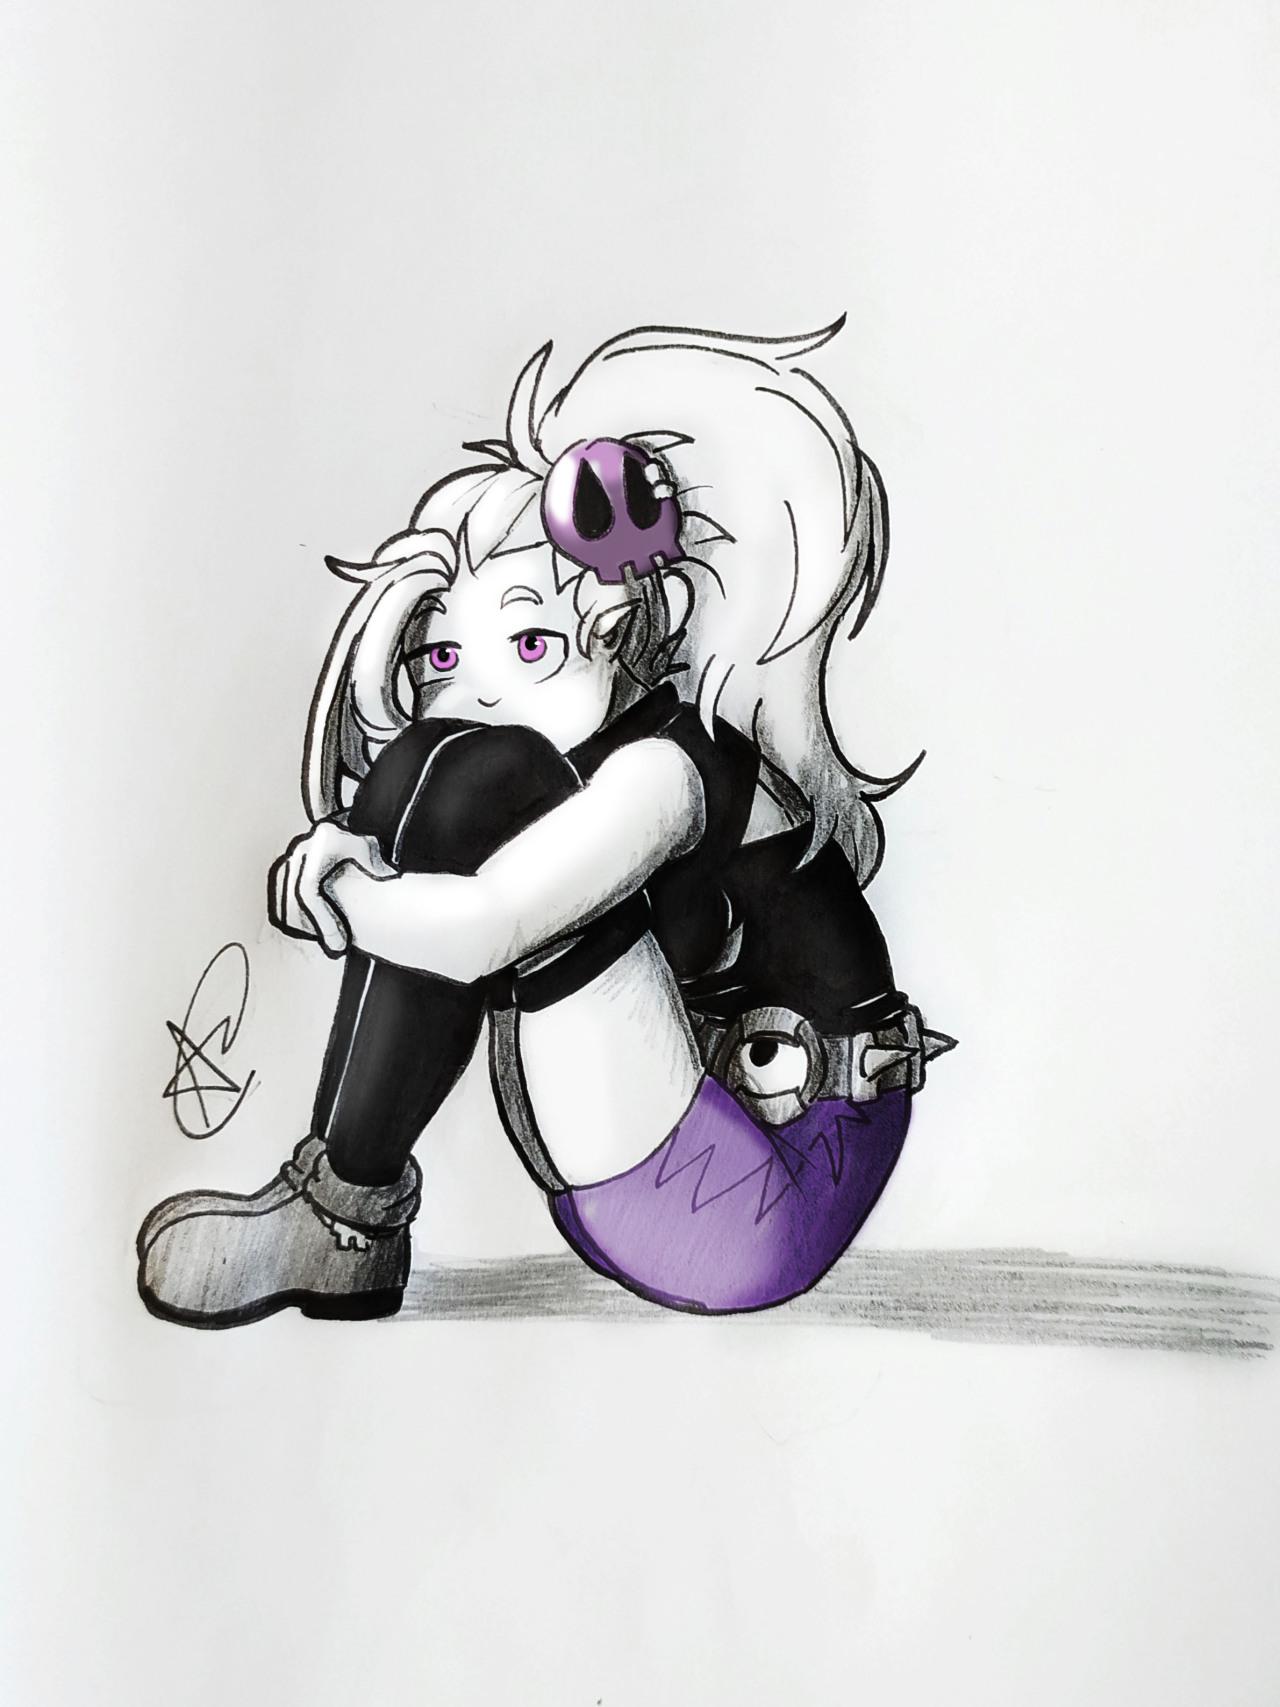 Violet #wakfu#wakfuoc#sram#purple#violet#color#sittingpose#sitting#sketch#inkdrawing